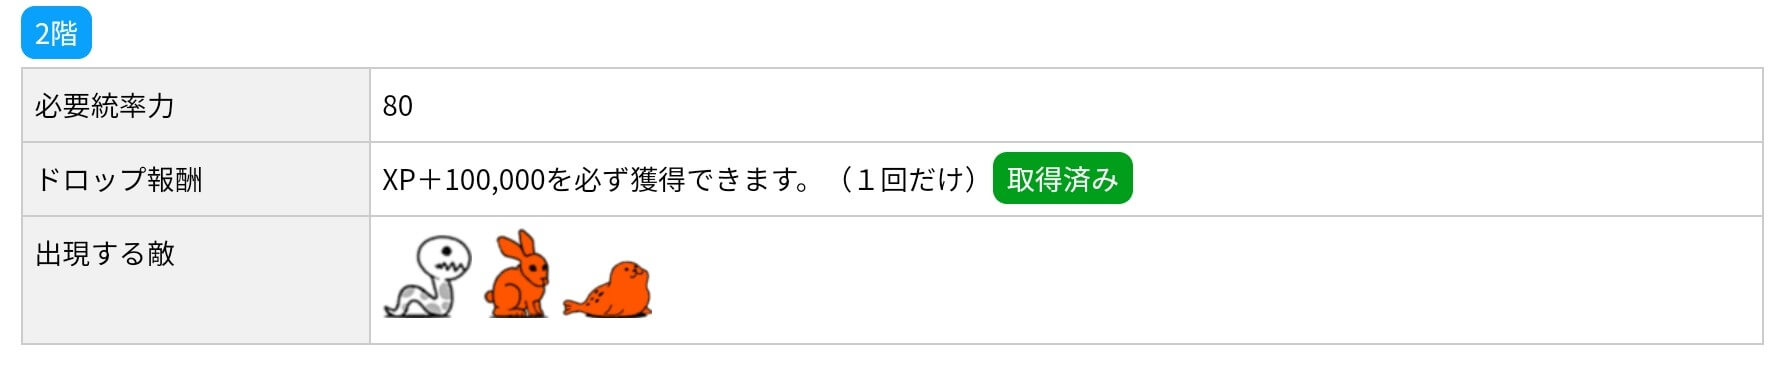 にゃんこ別塔(赤)2階 敵編成